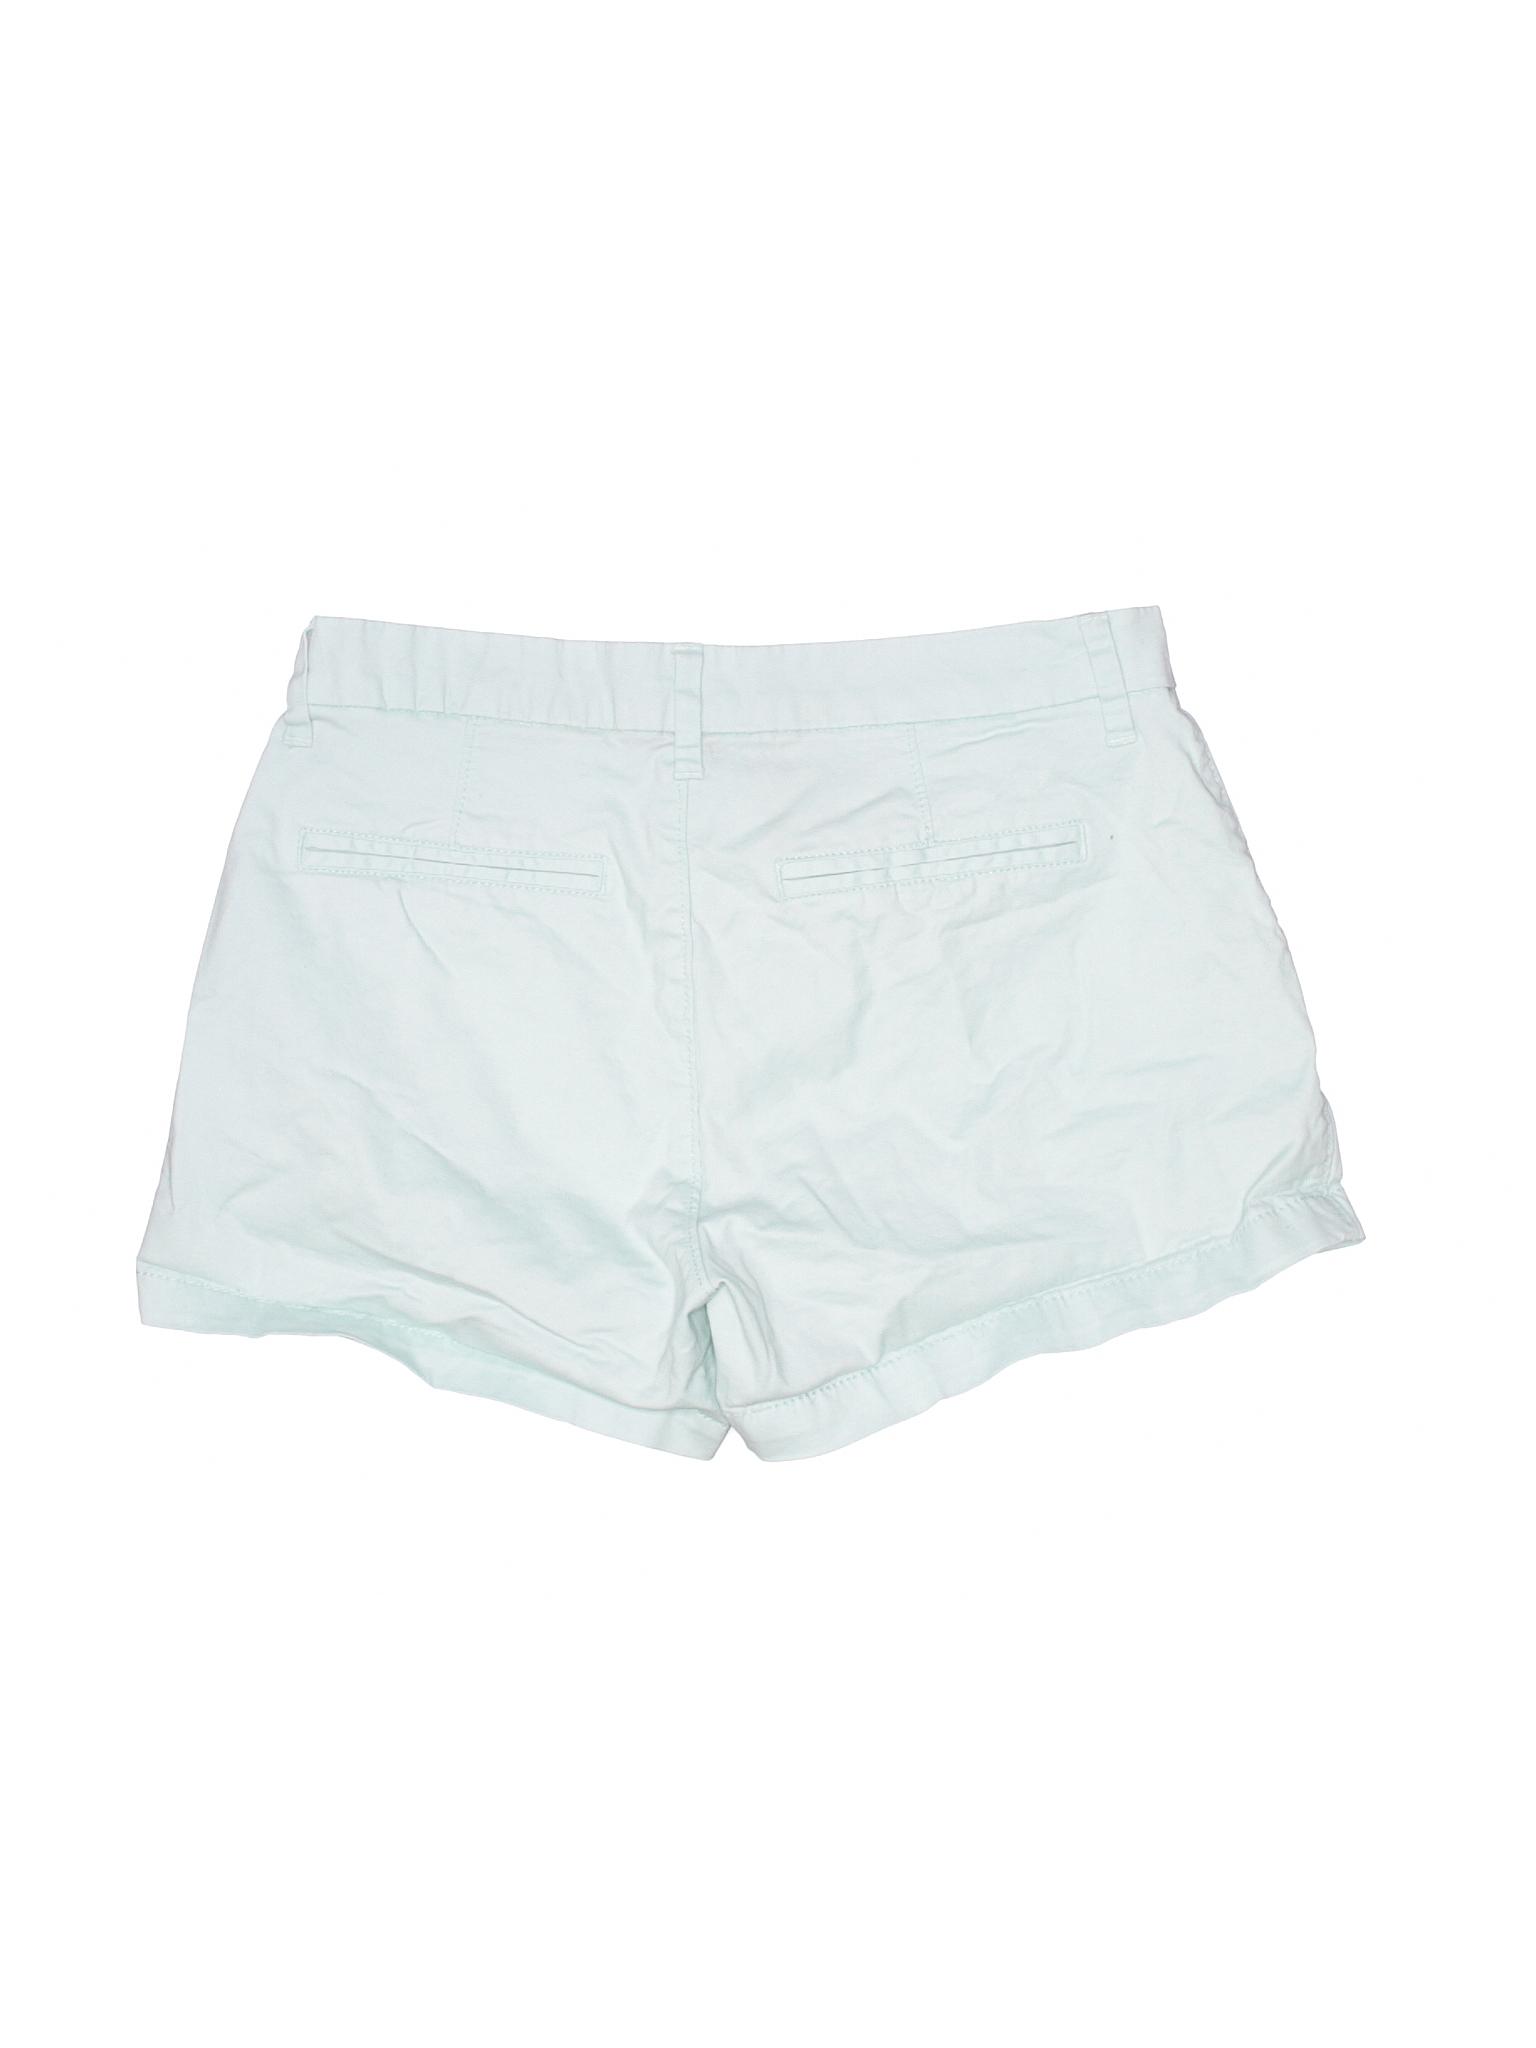 Old Khaki leisure Boutique Shorts Navy ySHYwv1vq